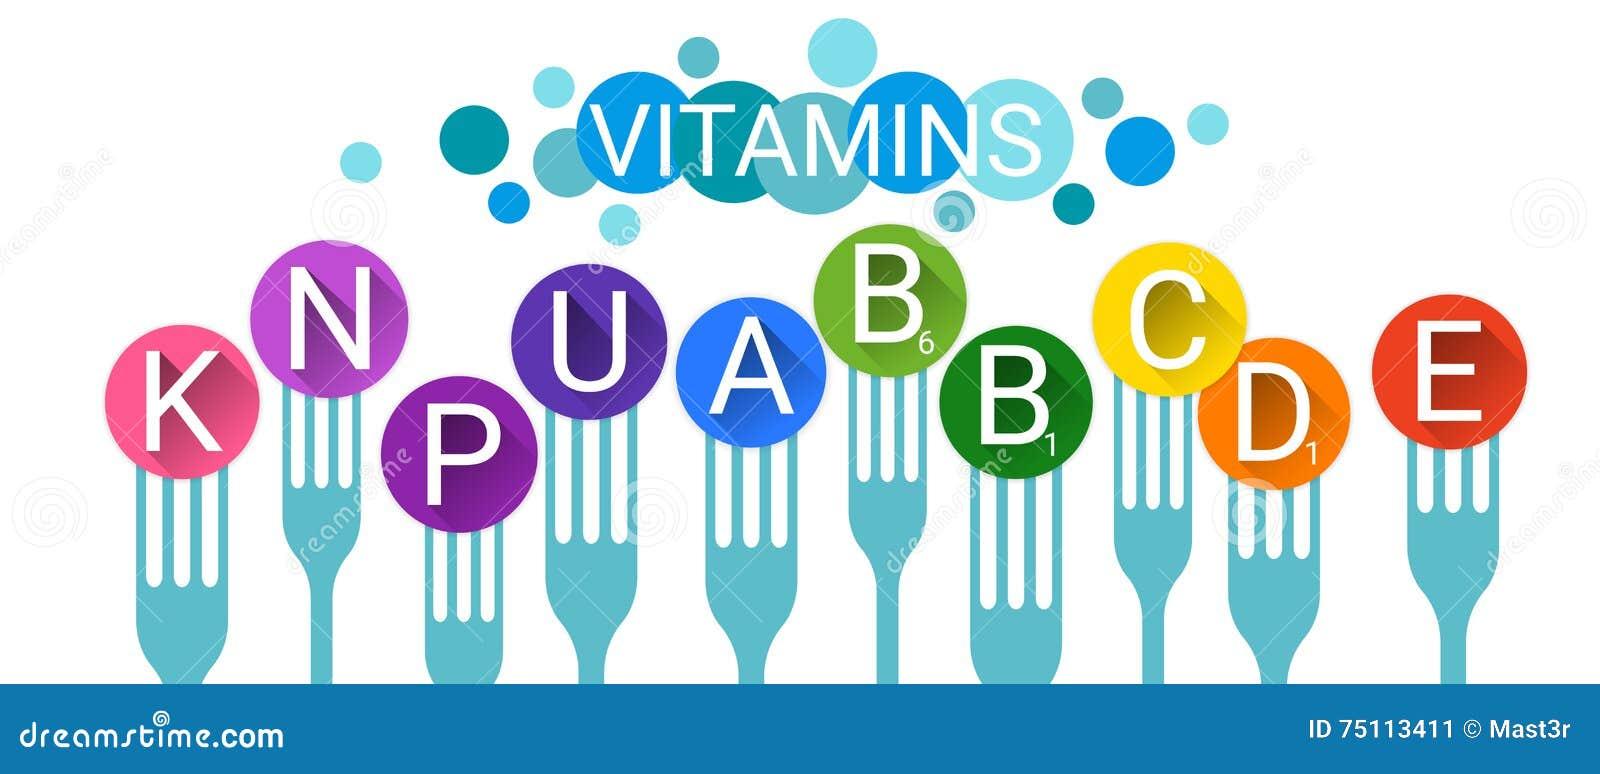 Istotne Chemicznych elementów odżywki kopalin witaminy